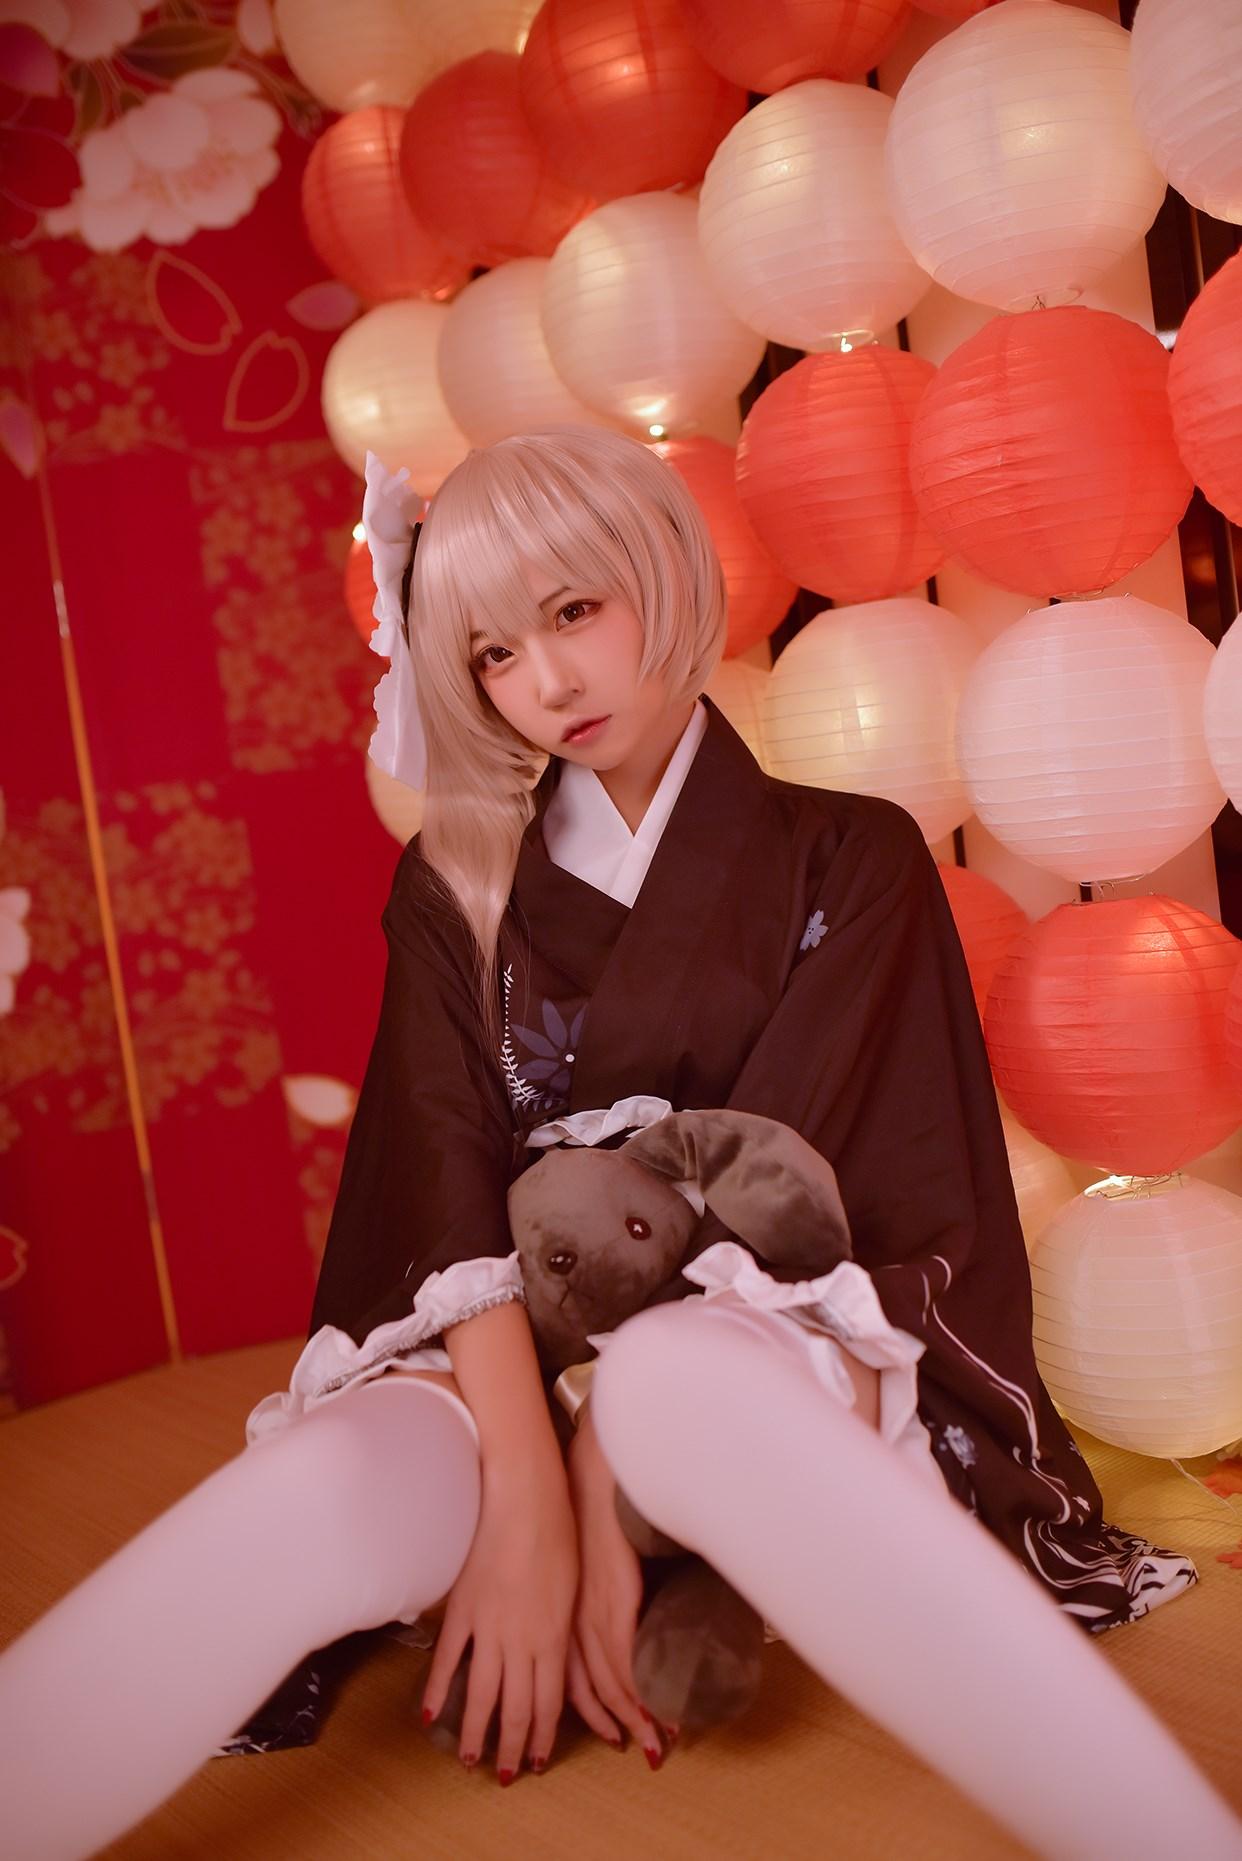 【兔玩映画】和服穹妹 兔玩映画 第29张